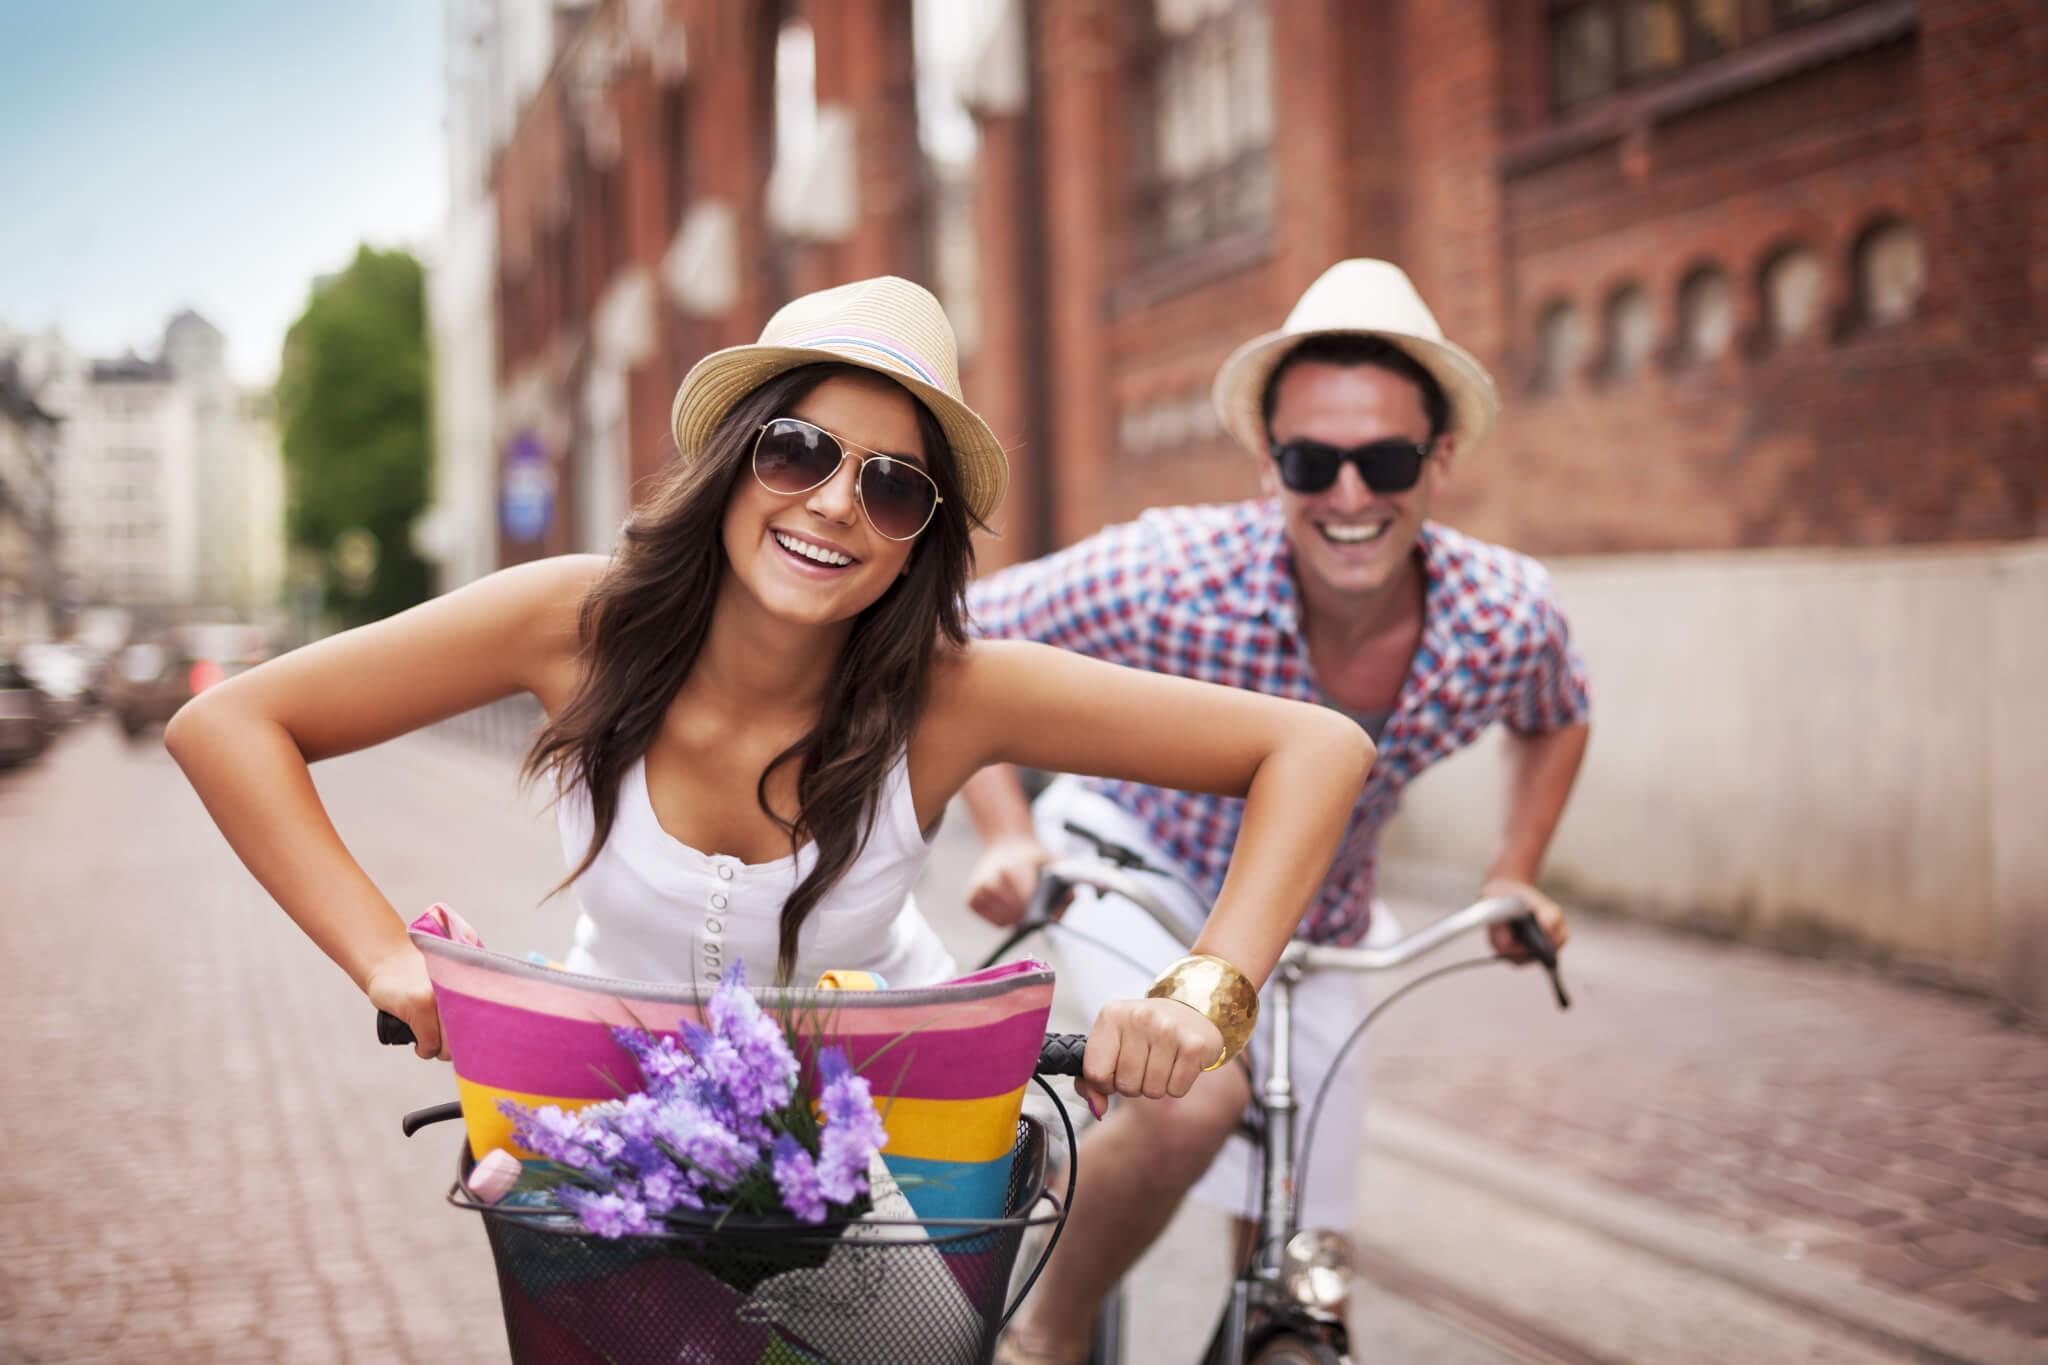 Pärchen im Freien beim Fahrradfahren